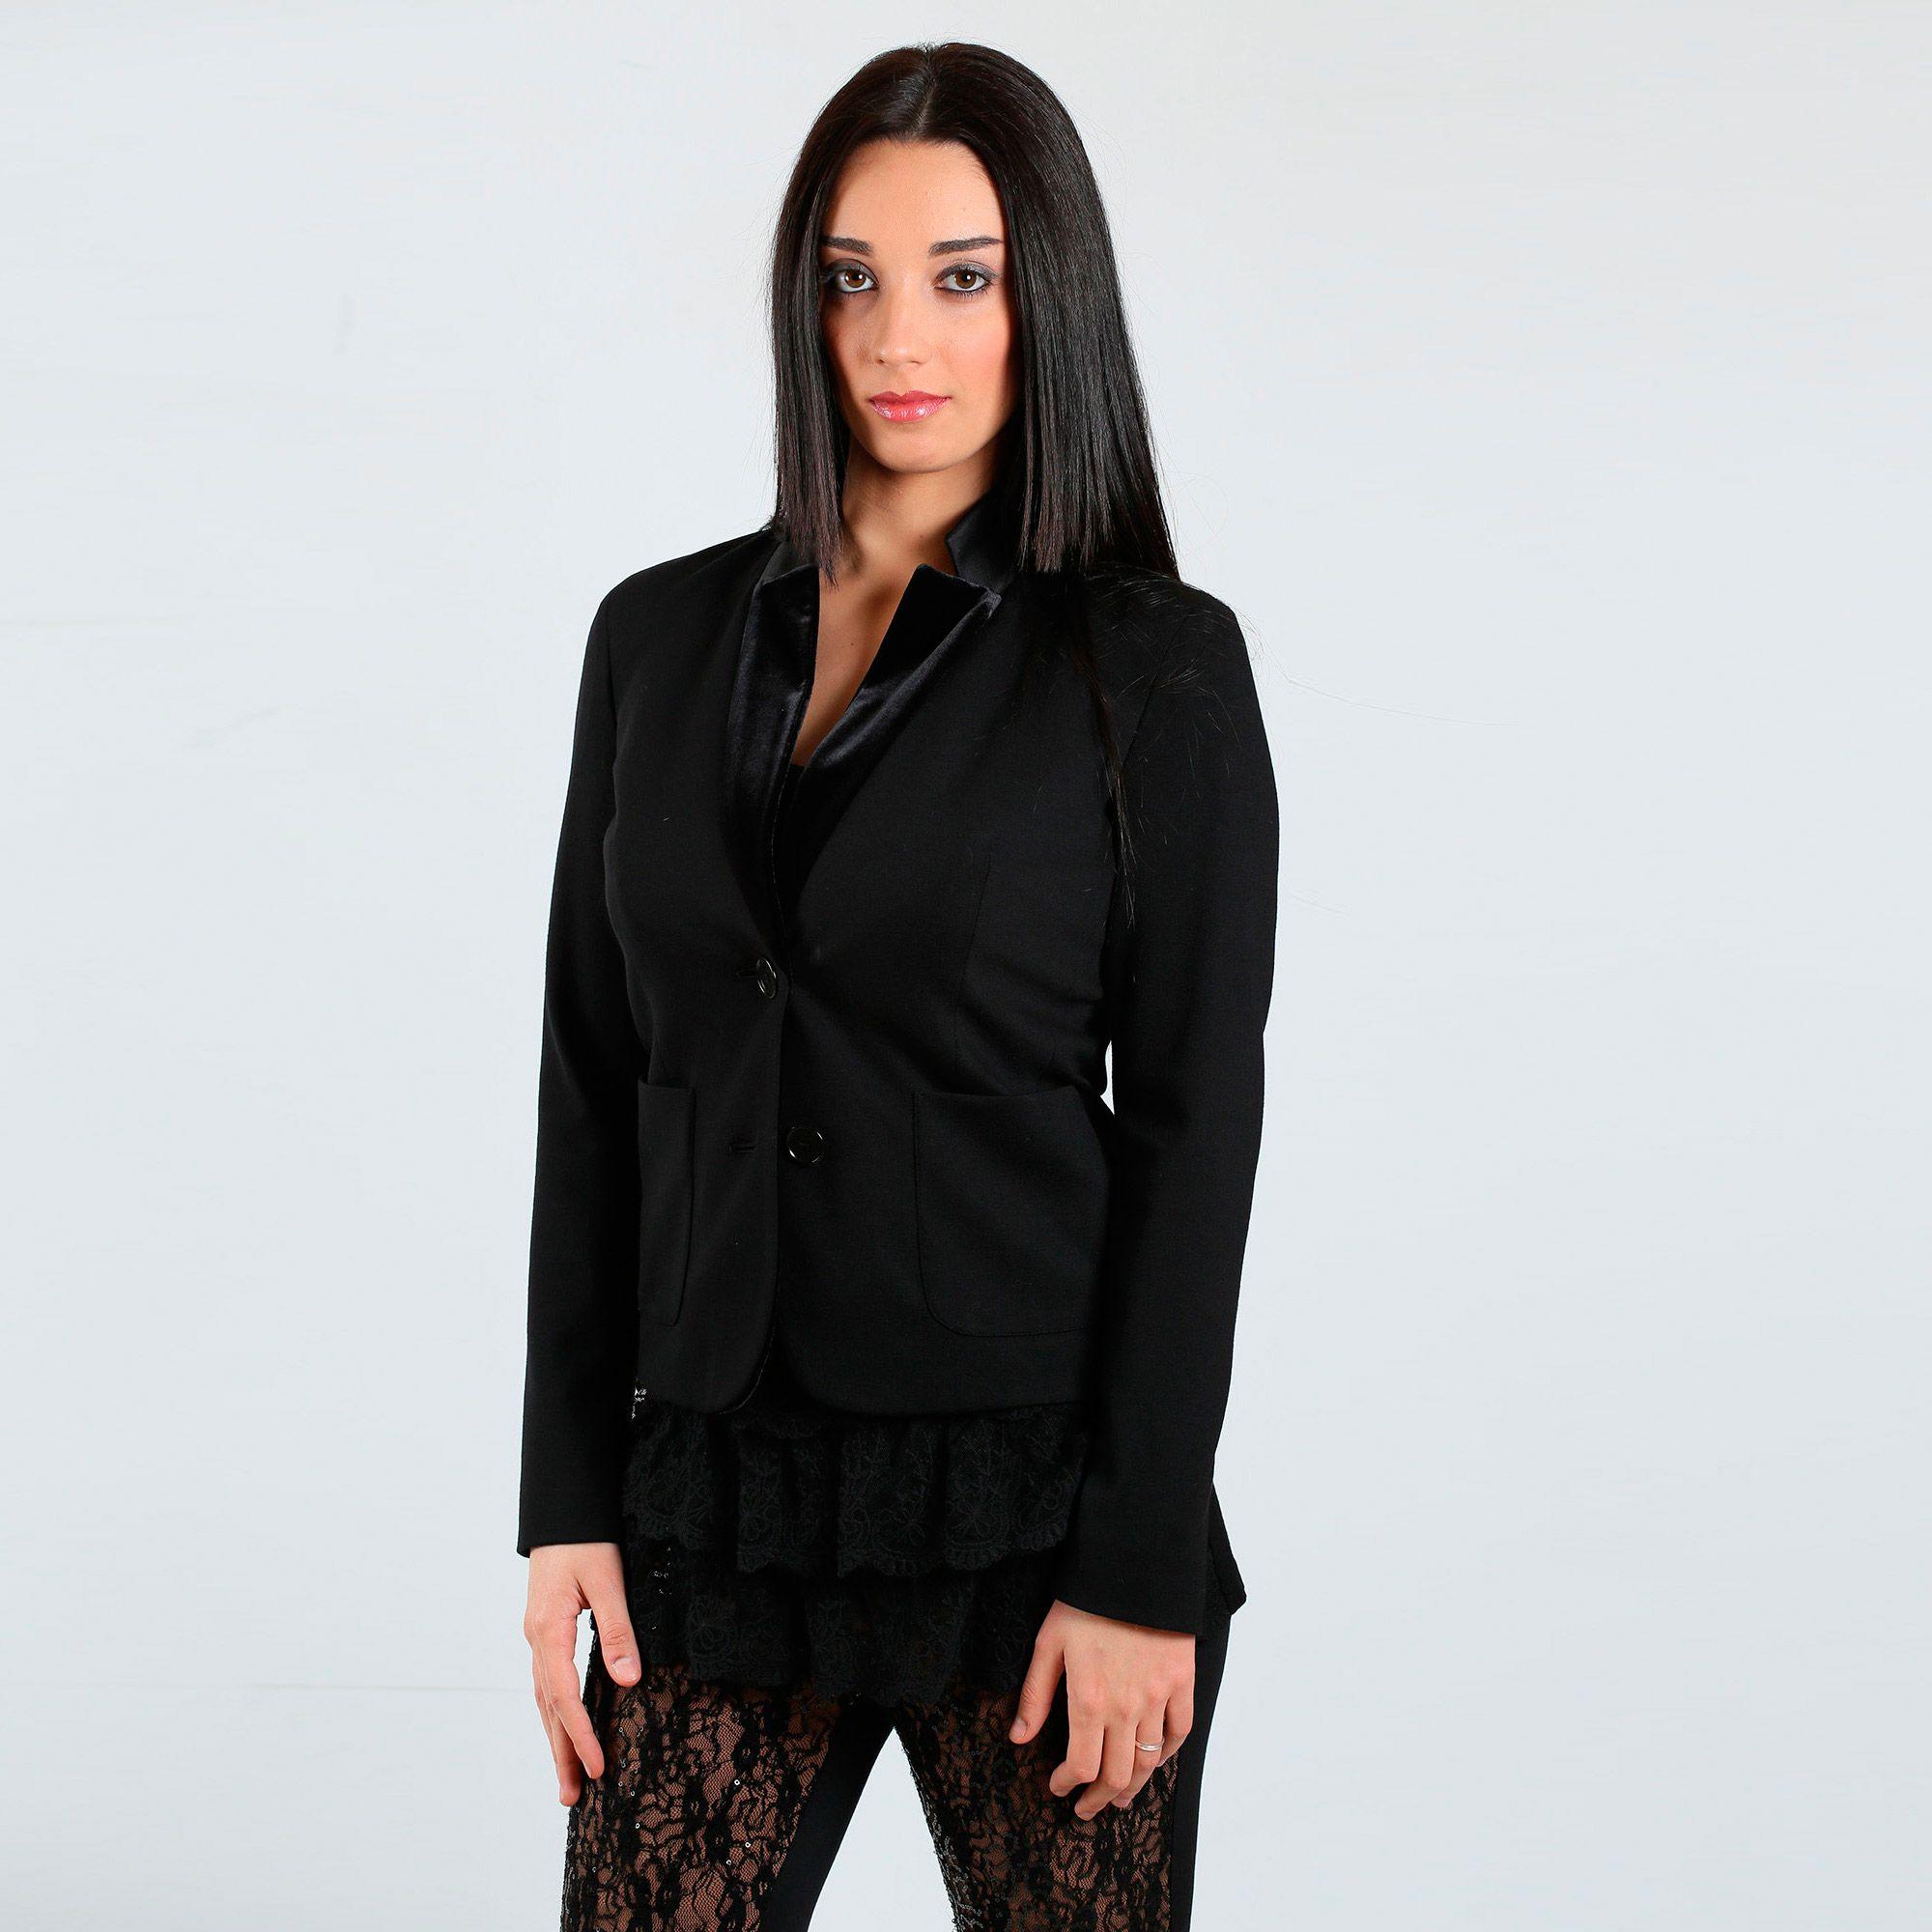 0001 15468 donna Etro 8269 A13 Etro Abbigliamento giacca donna wEzTWnqp